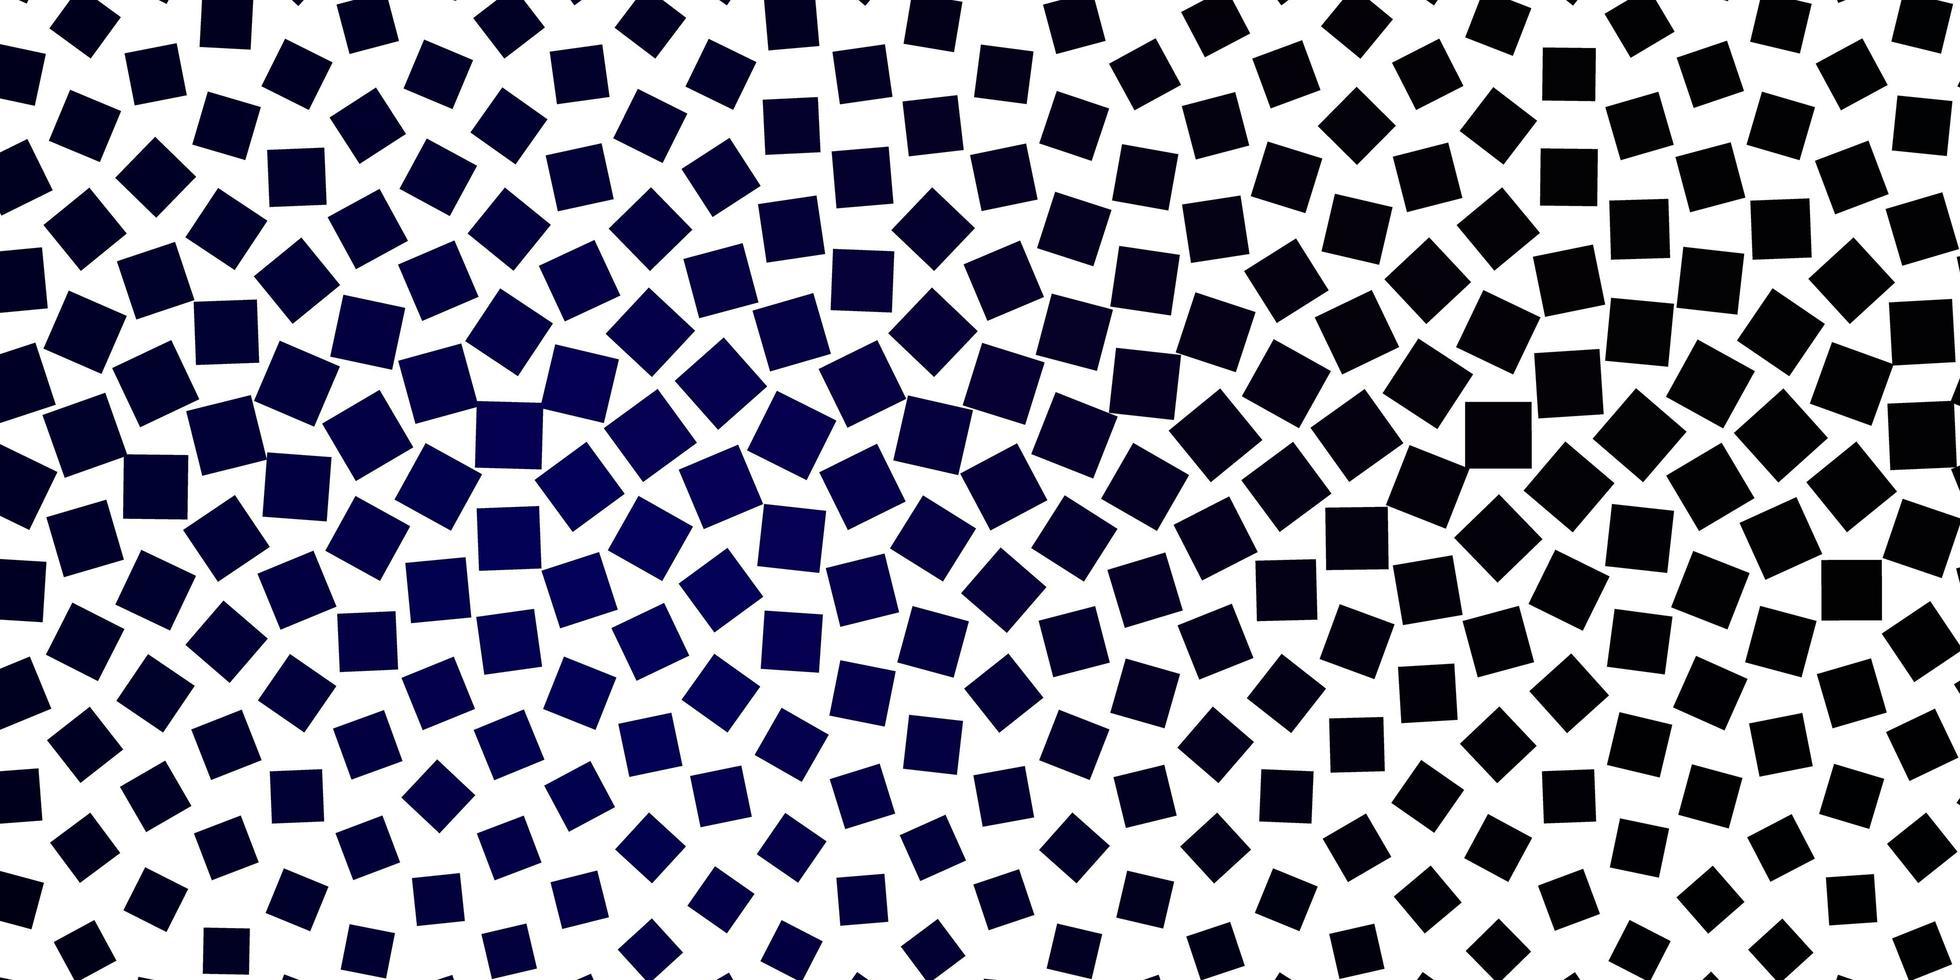 textura vector azul e vermelho escuro em estilo retangular.